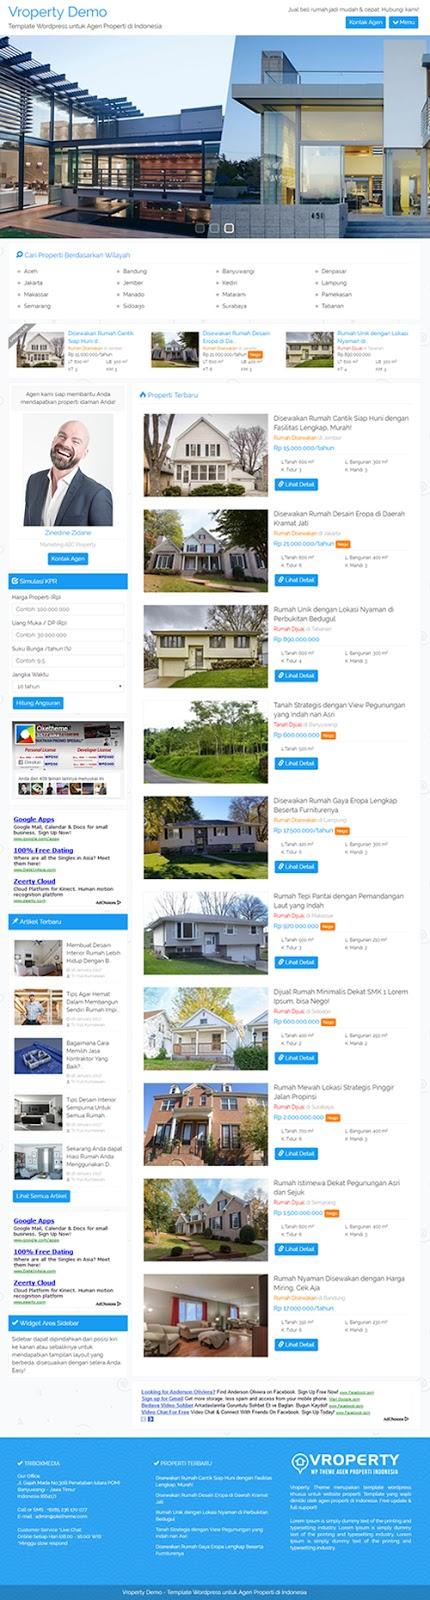 Jasa Pembuatan Website Situs Agen Properti Termurah | Menuu.id